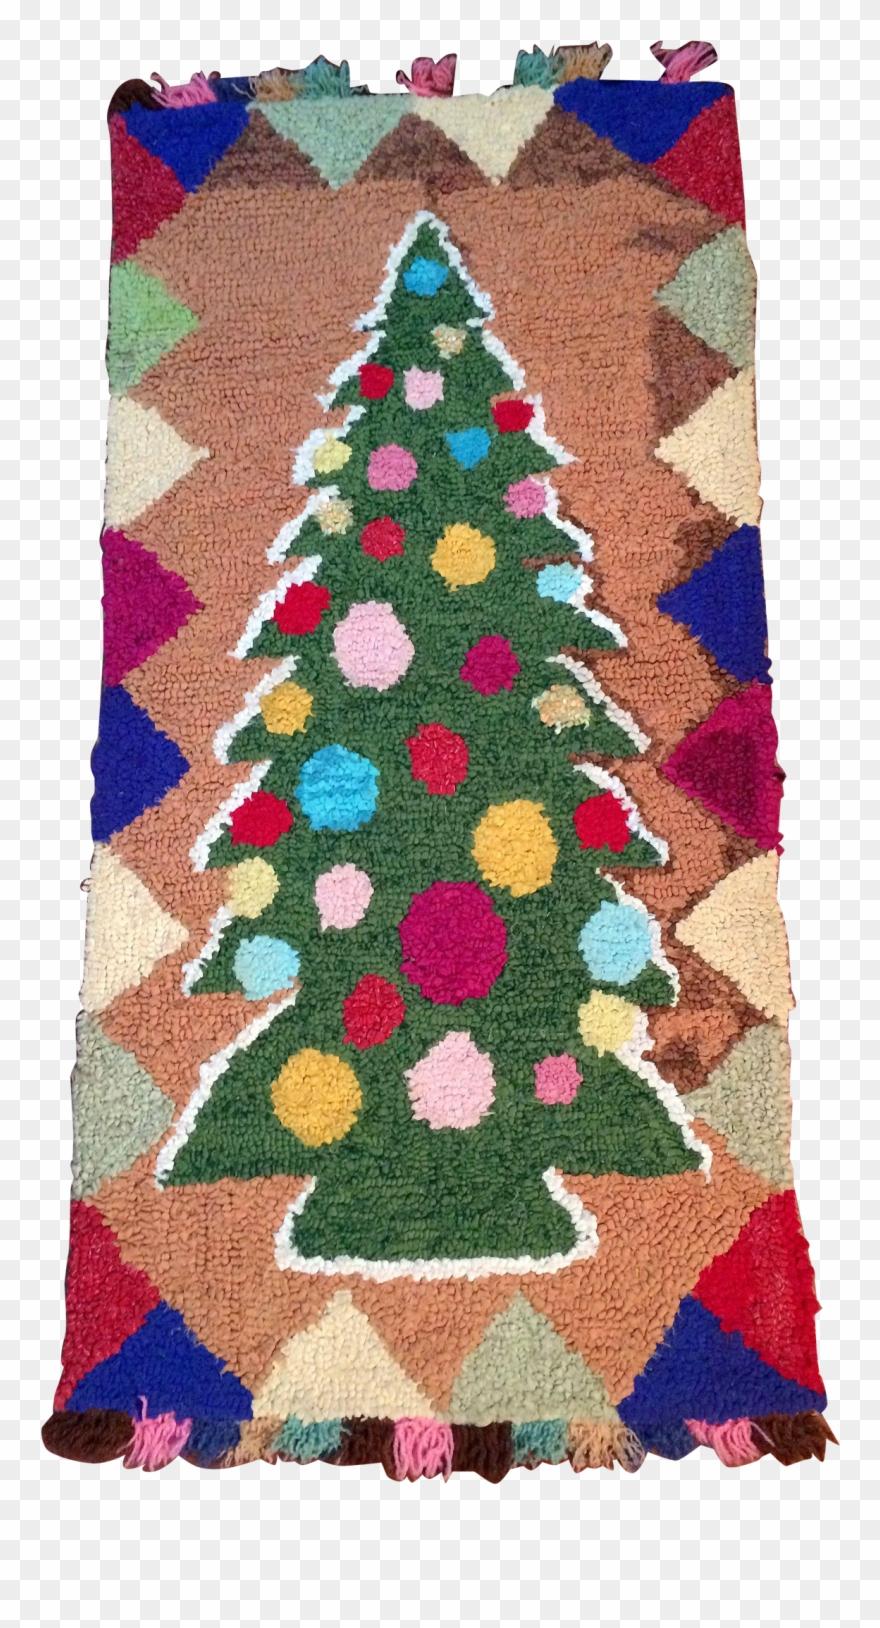 Christmas Rug Png Hooked Rug Colourful Christmas Tree.